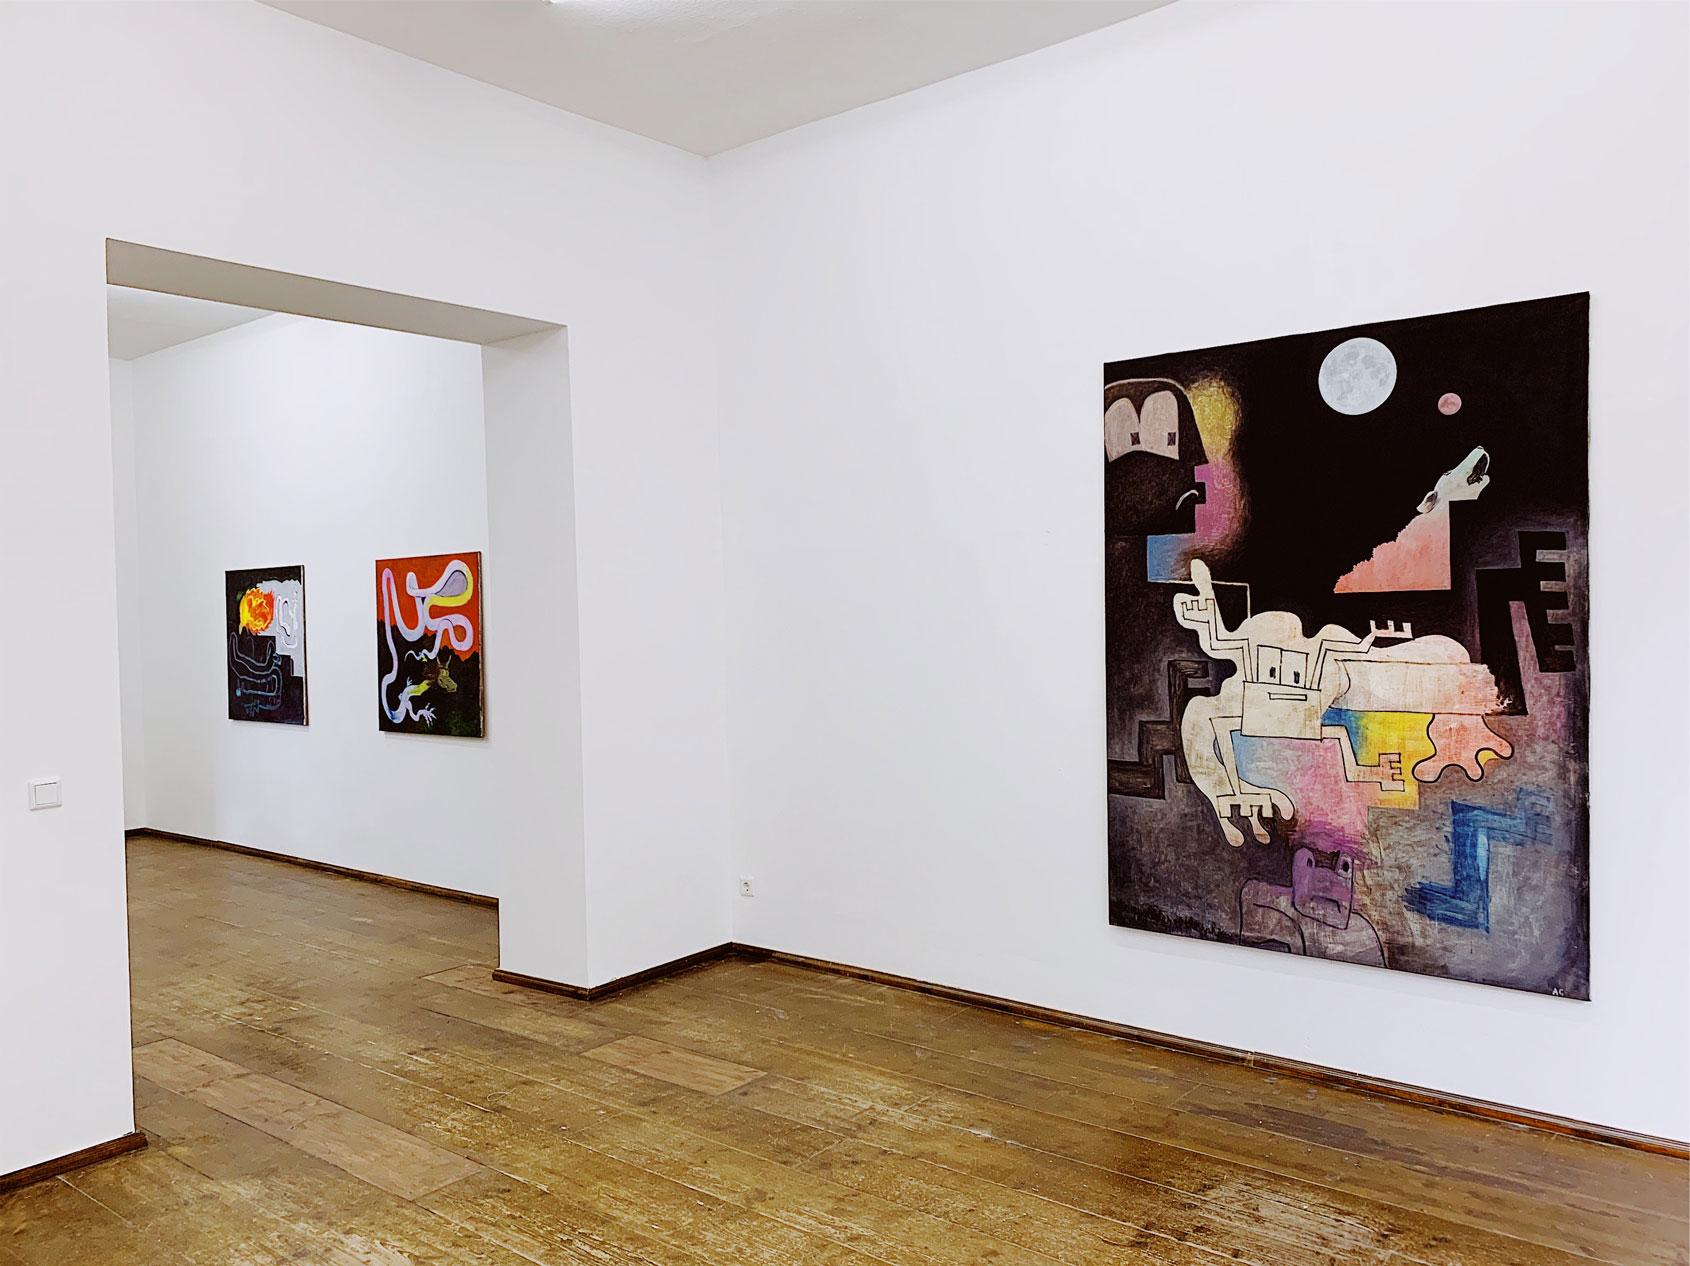 Alles Gut, 2019 (exhibition view)